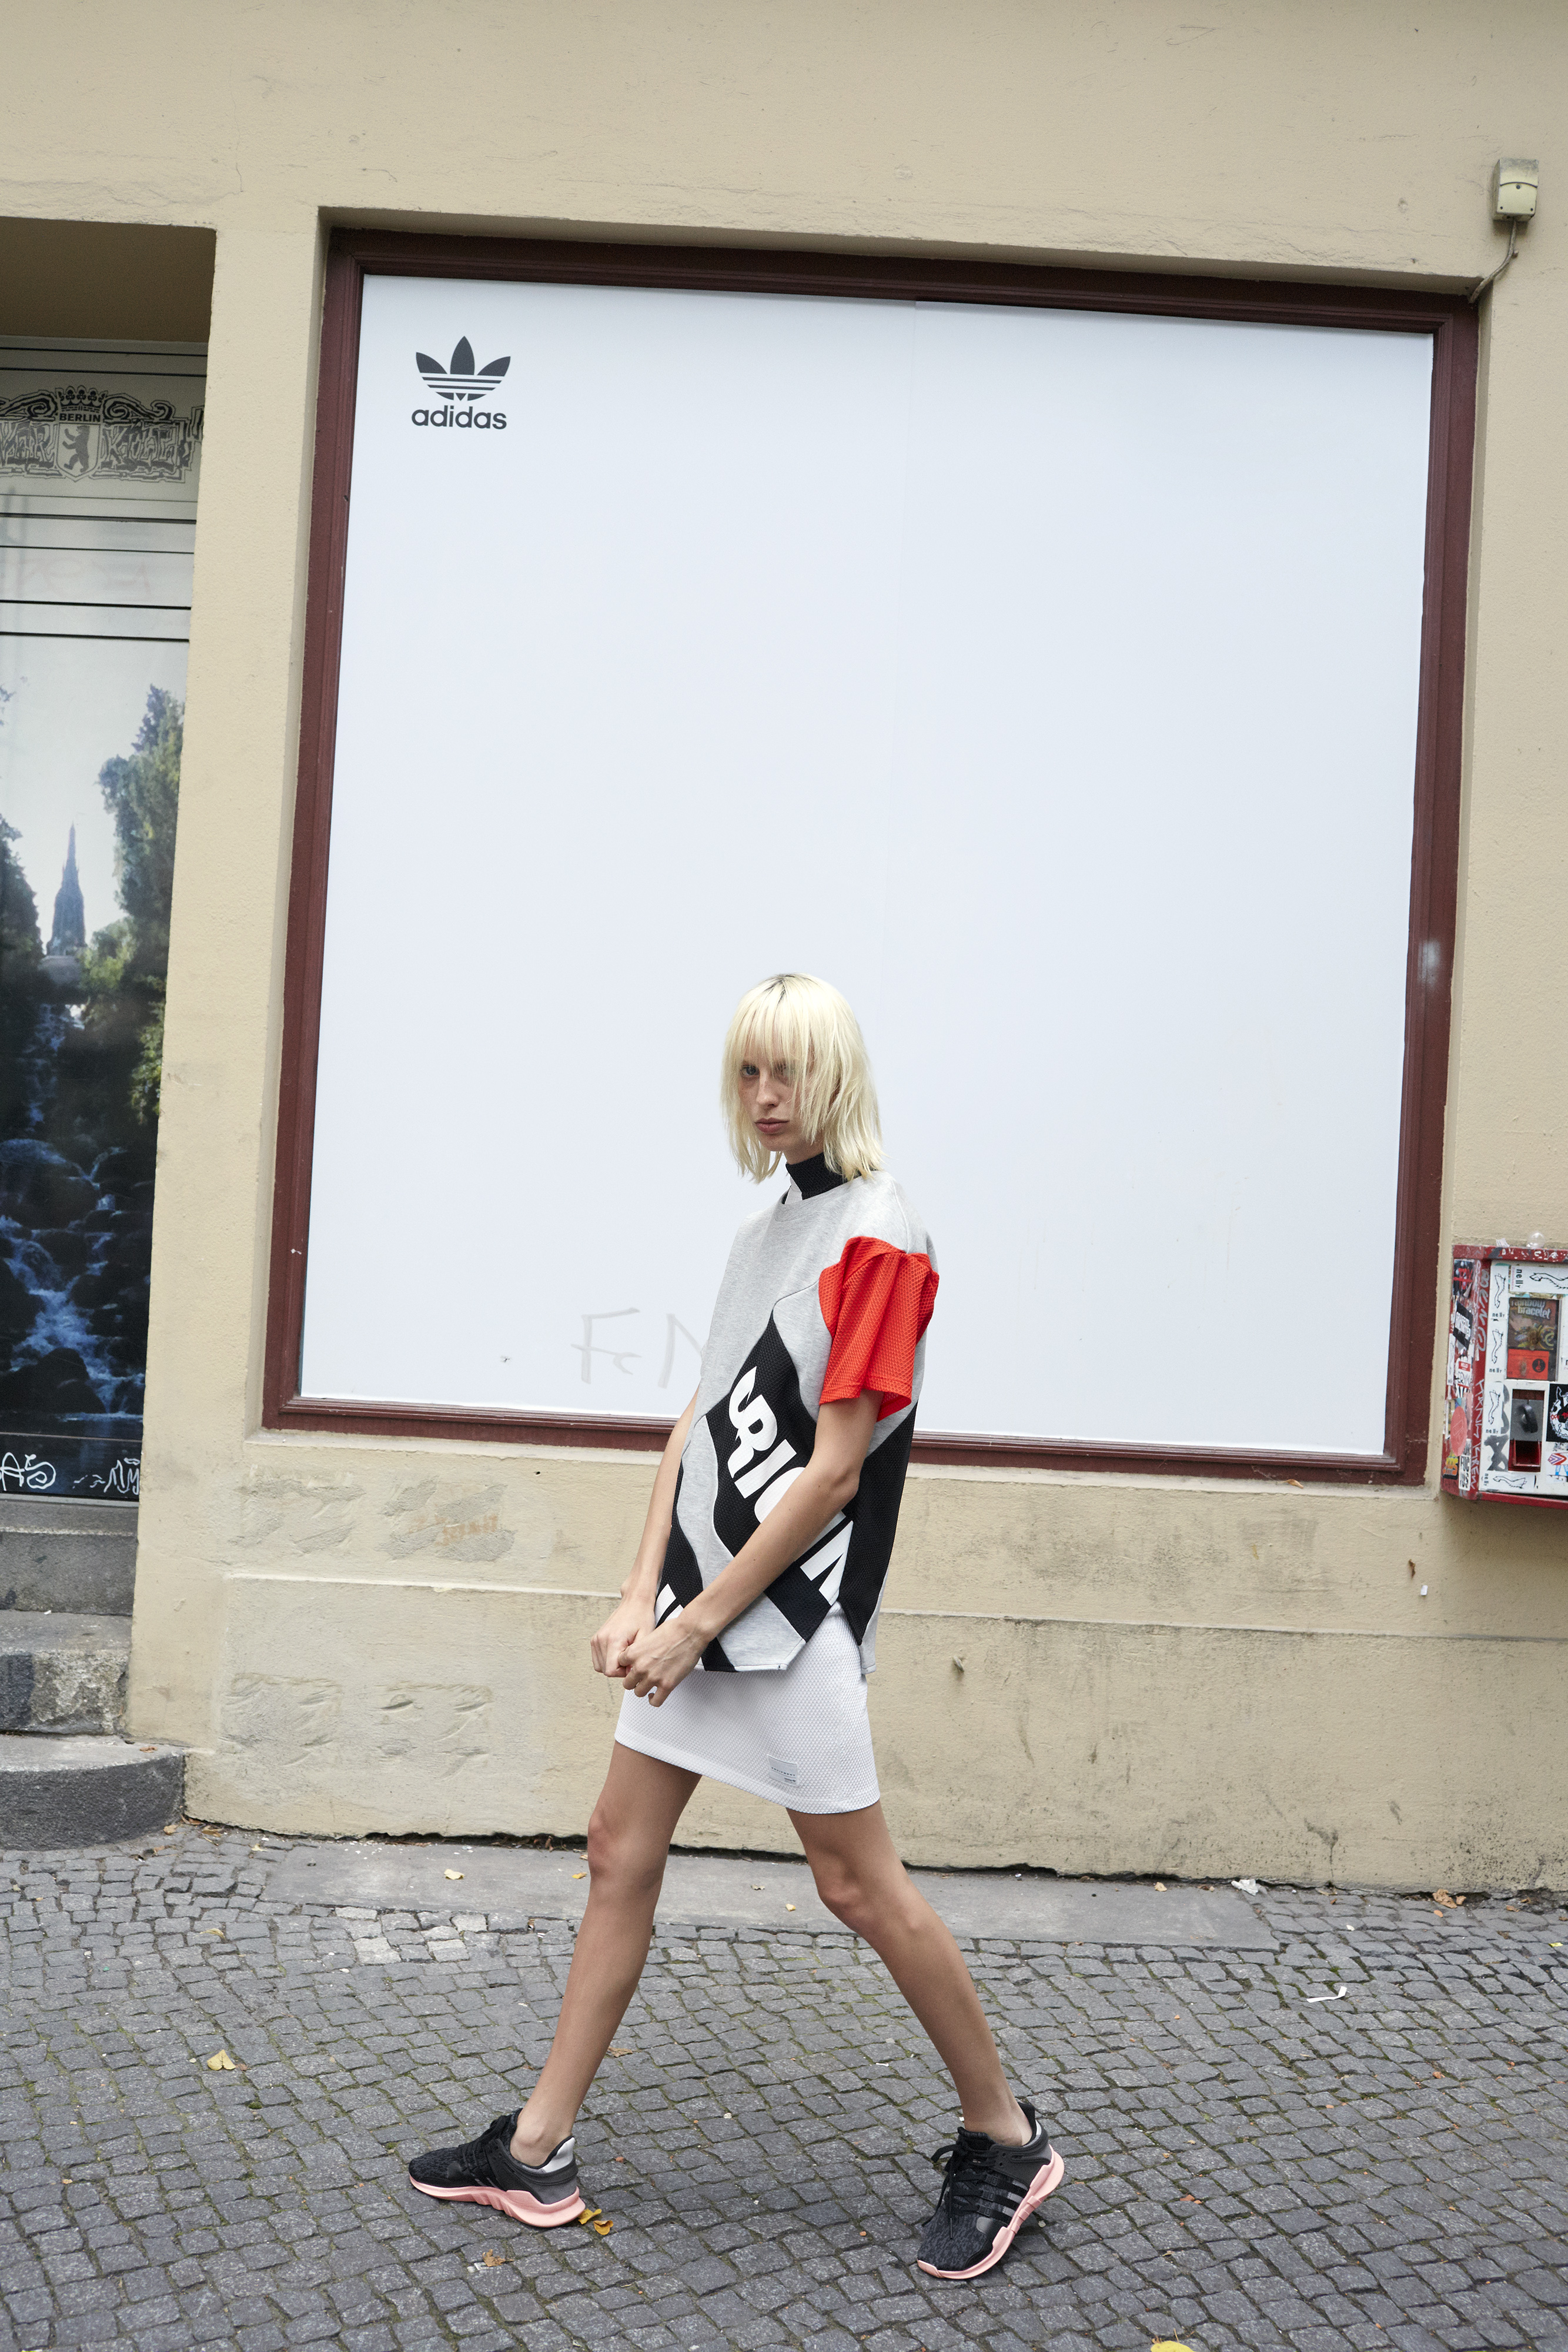 Adidas Originals Jurgen Teller